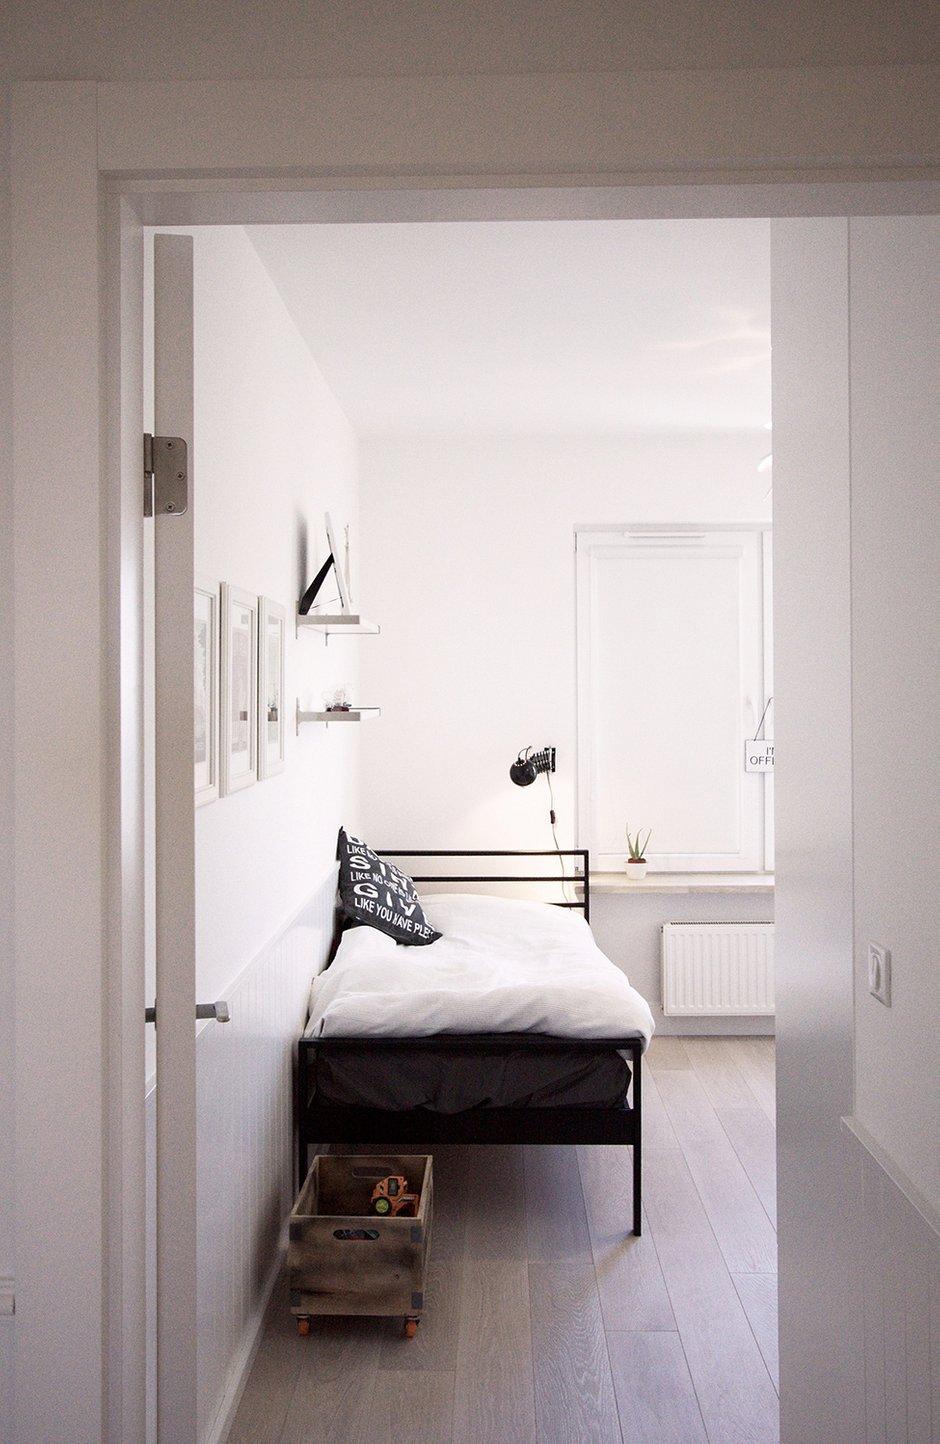 Фотография: Спальня в стиле Скандинавский, Квартира, Цвет в интерьере, Дома и квартиры, Перепланировка – фото на InMyRoom.ru